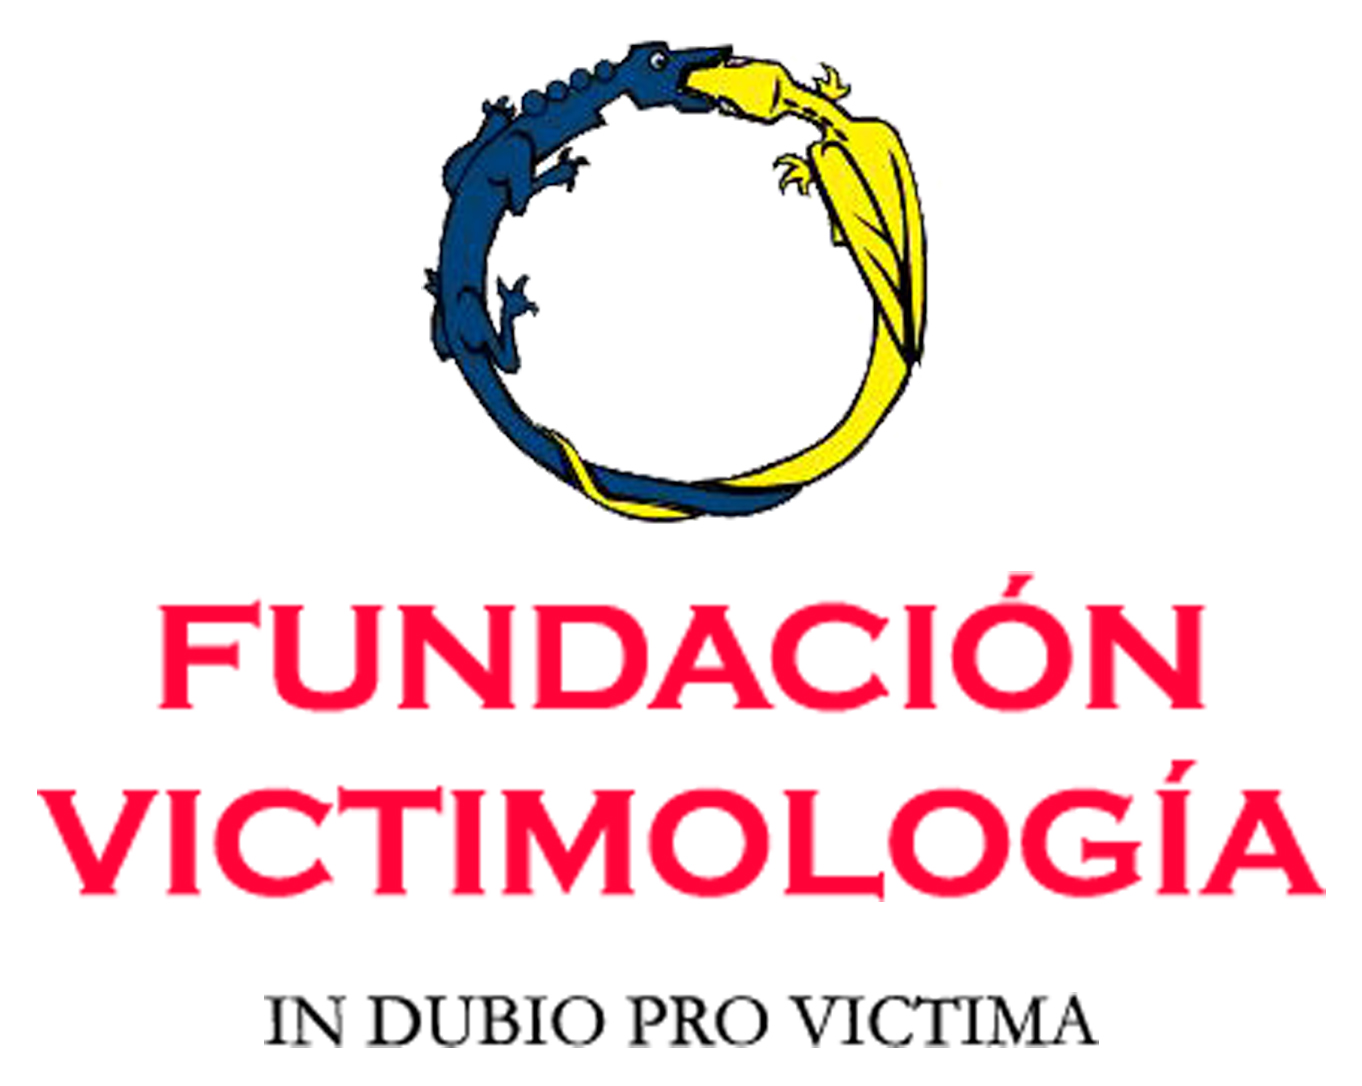 Fundación Victimología